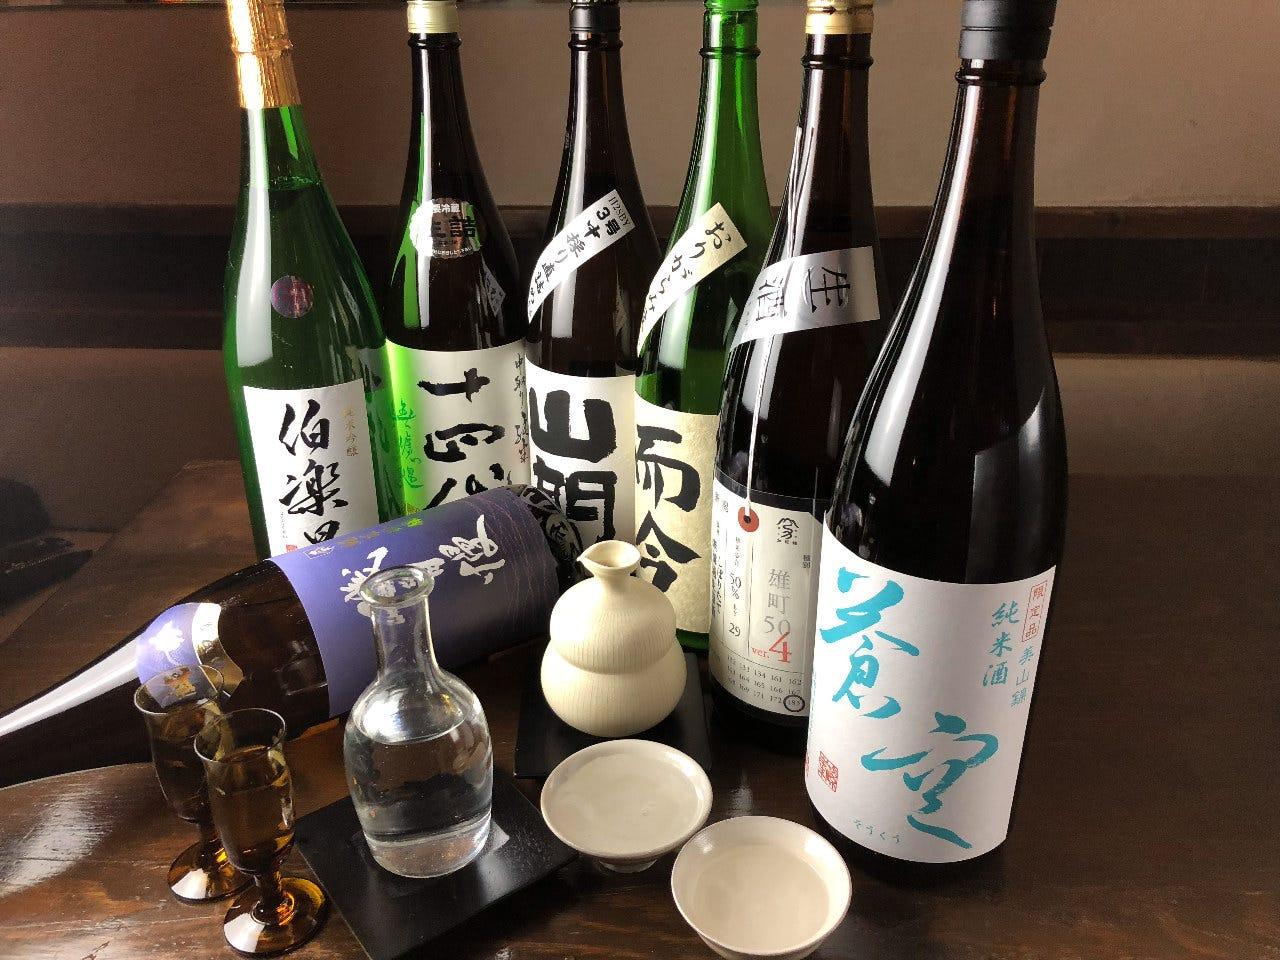 日本各地の厳選した日本酒